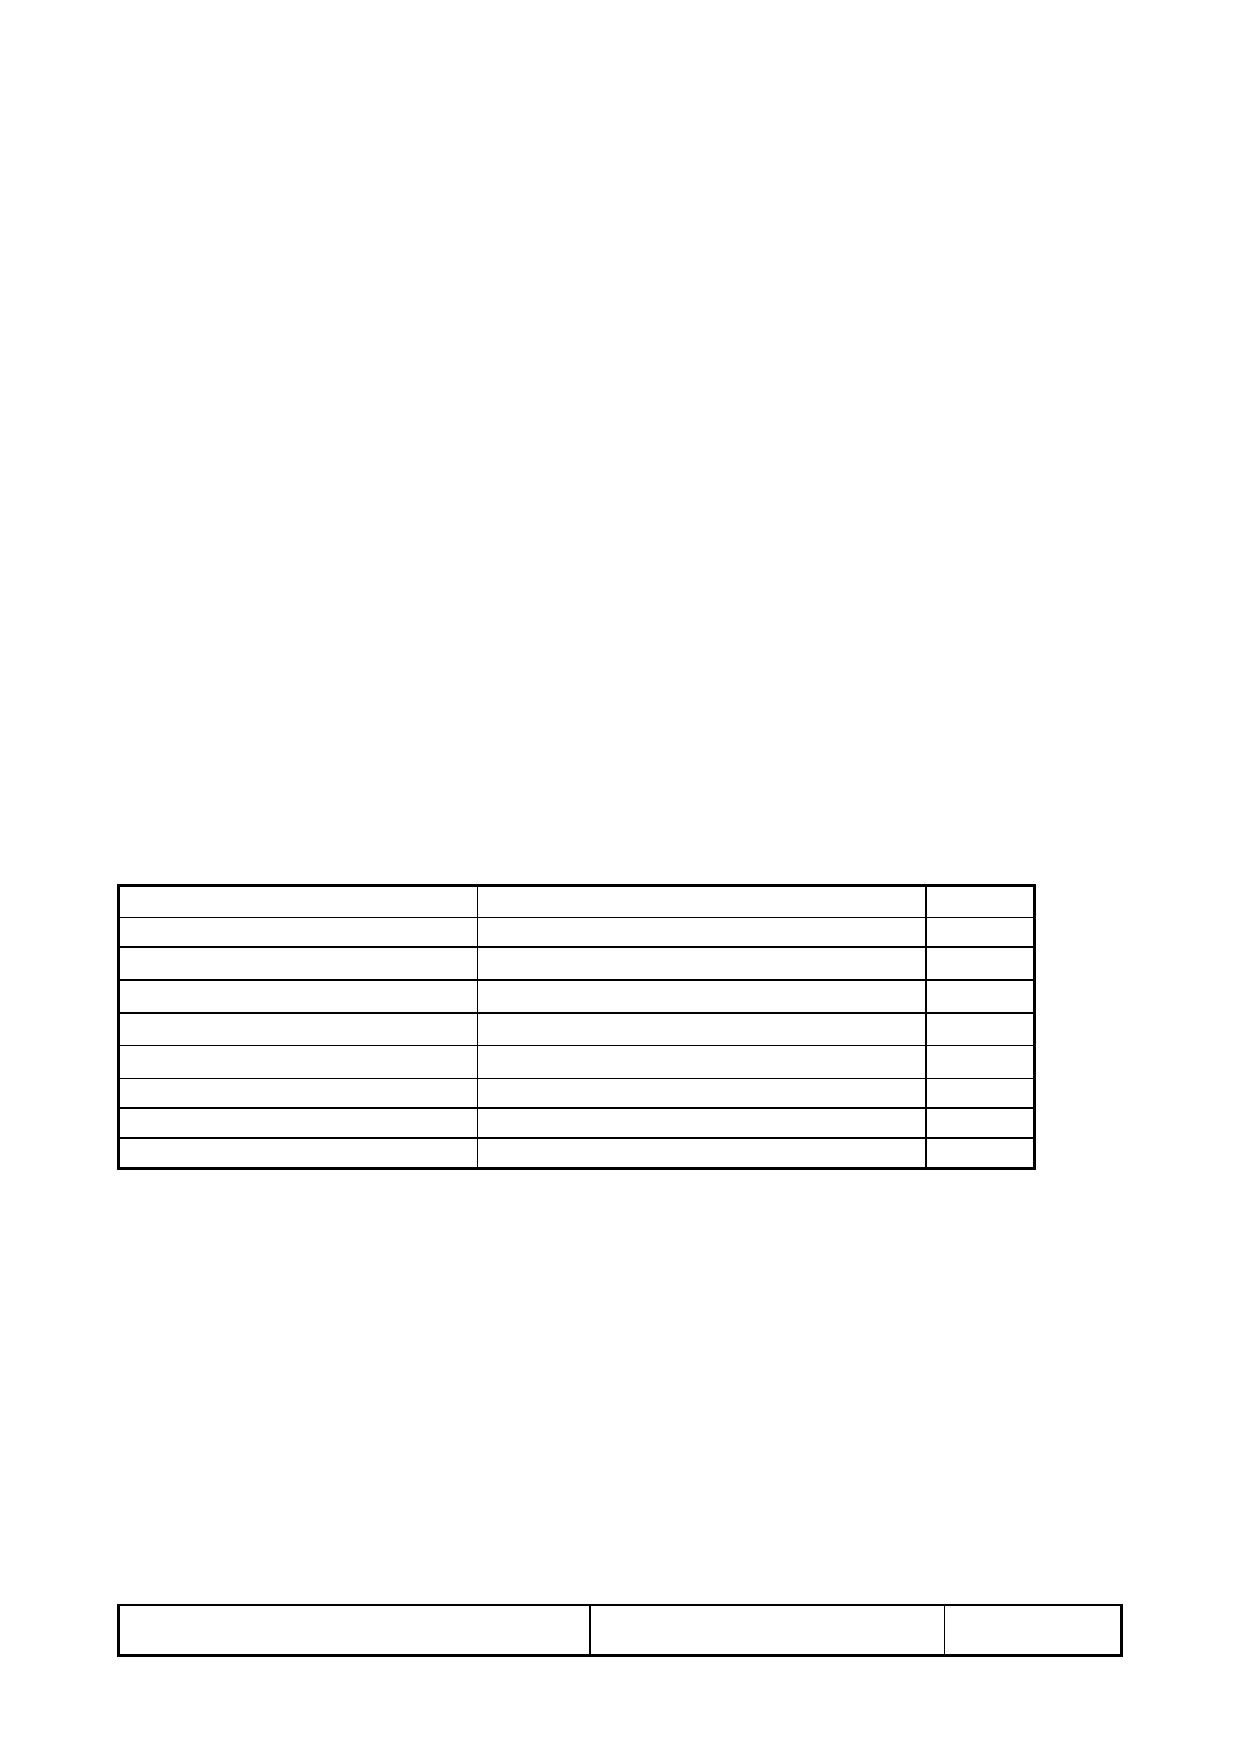 T-51382D064-FW-P-AC Даташит, Описание, Даташиты